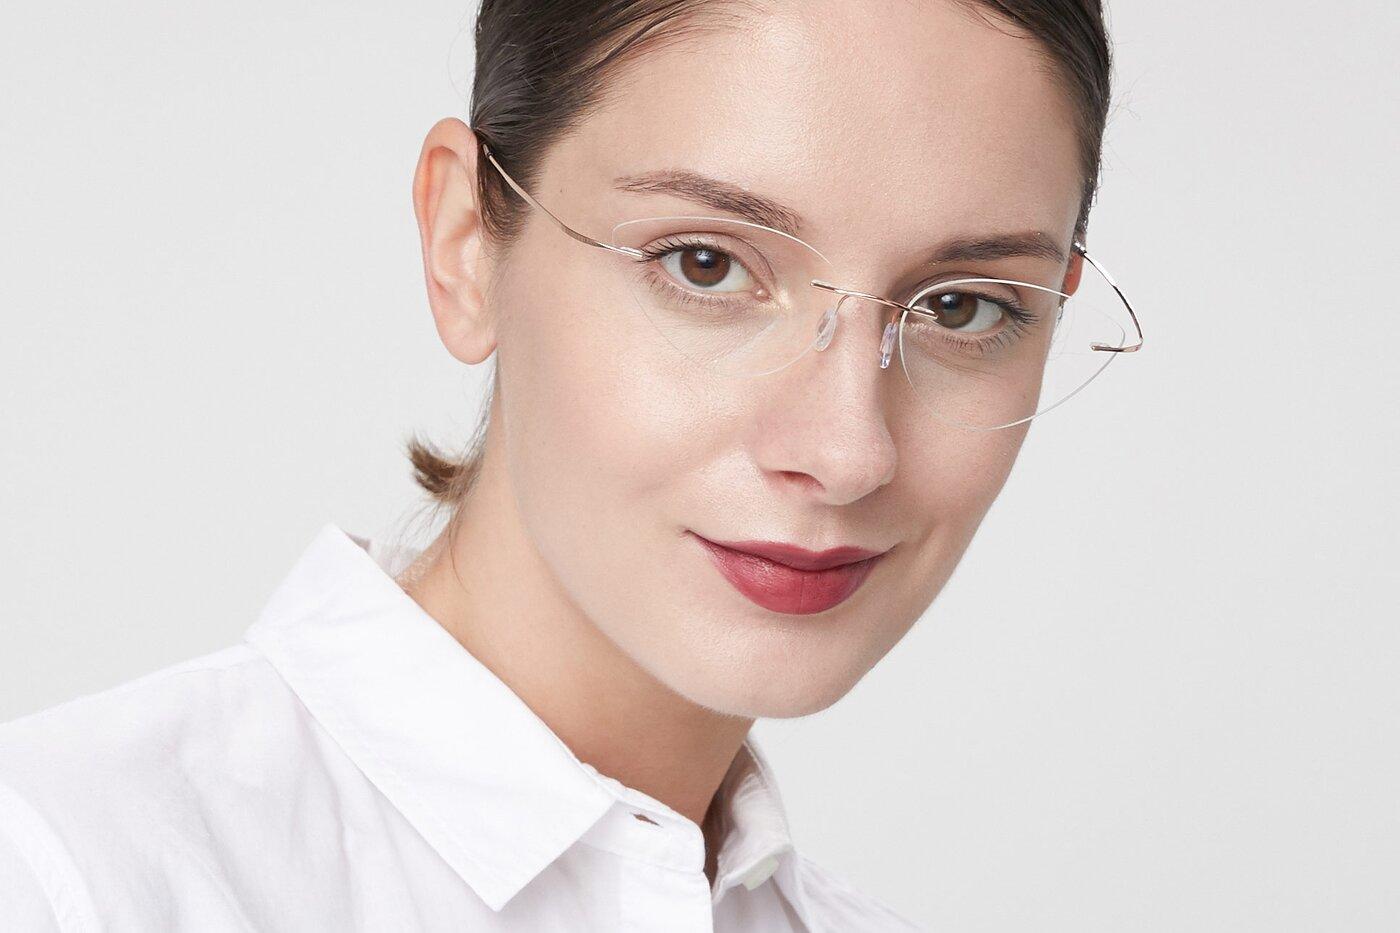 Rose Gold Geek-Chic Cat-Eye Rimless Eyeglasses